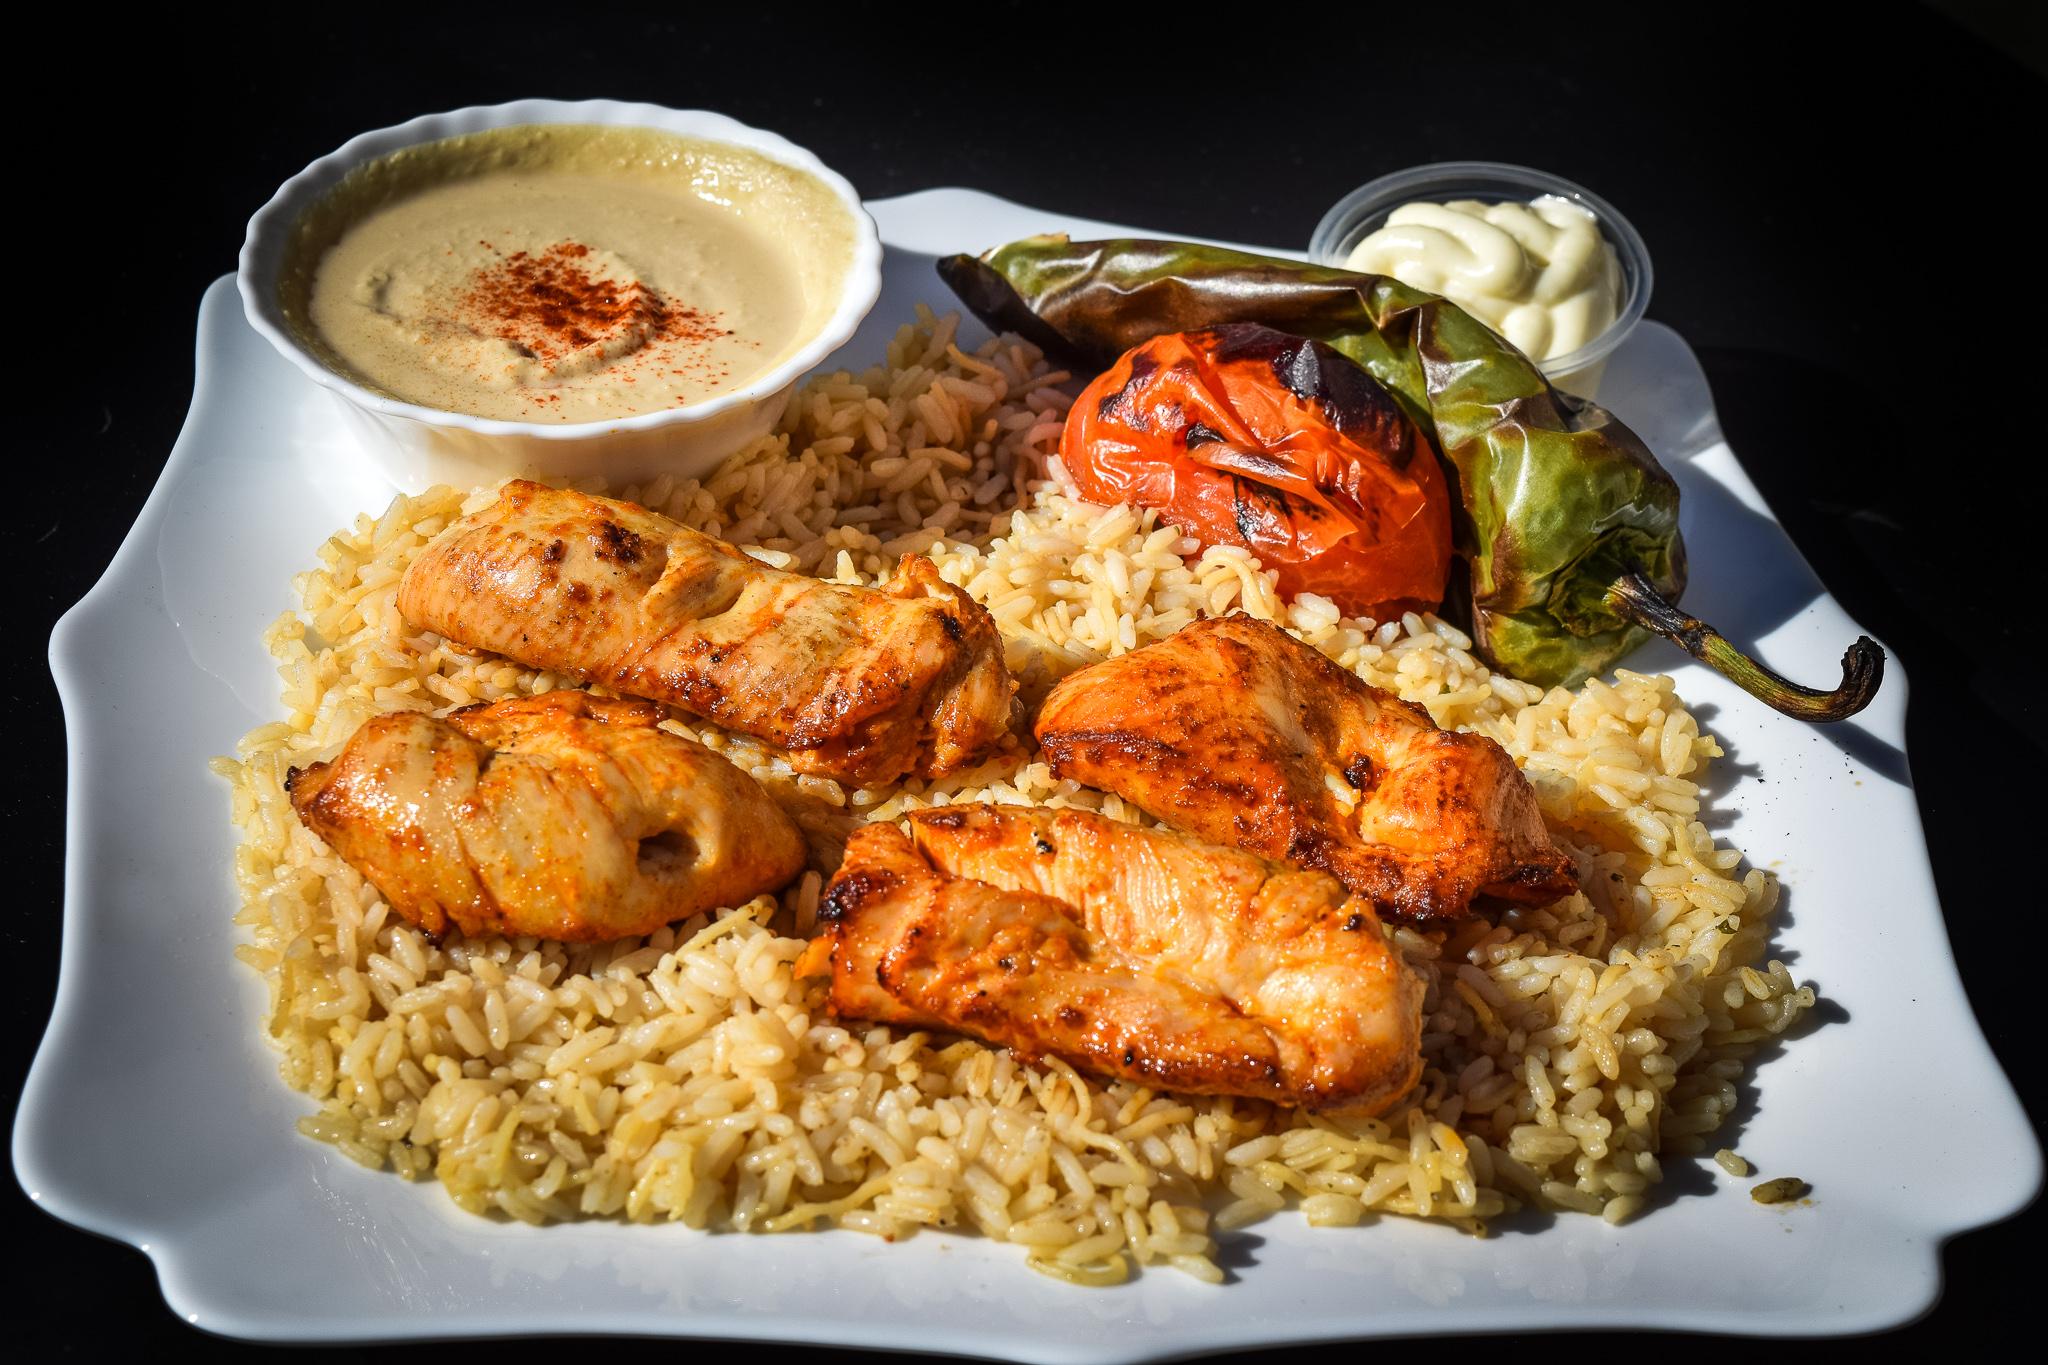 Chicken Kebab Plate